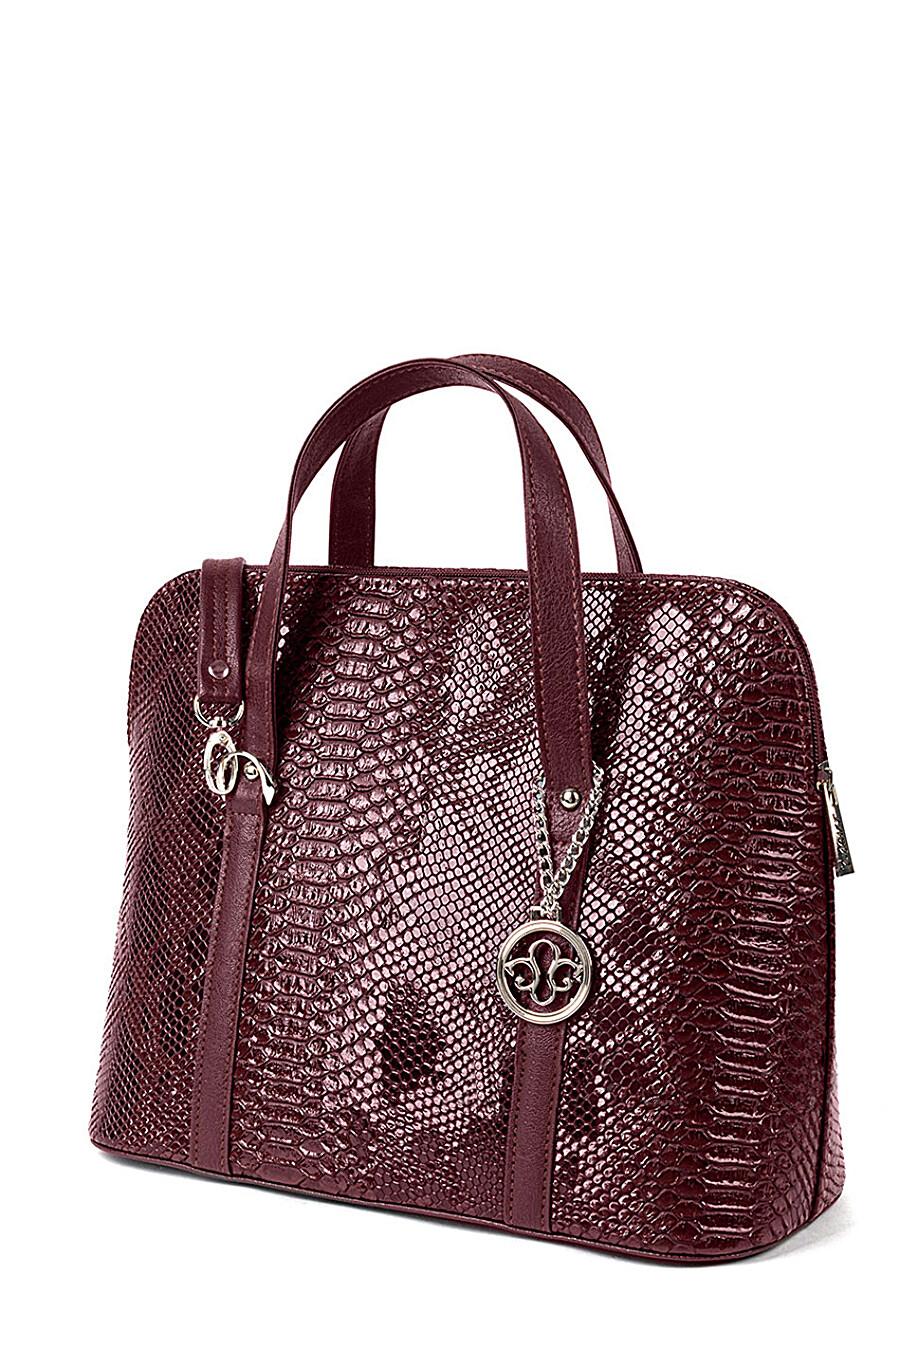 Сумка для женщин L-CRAFT 260437 купить оптом от производителя. Совместная покупка женской одежды в OptMoyo